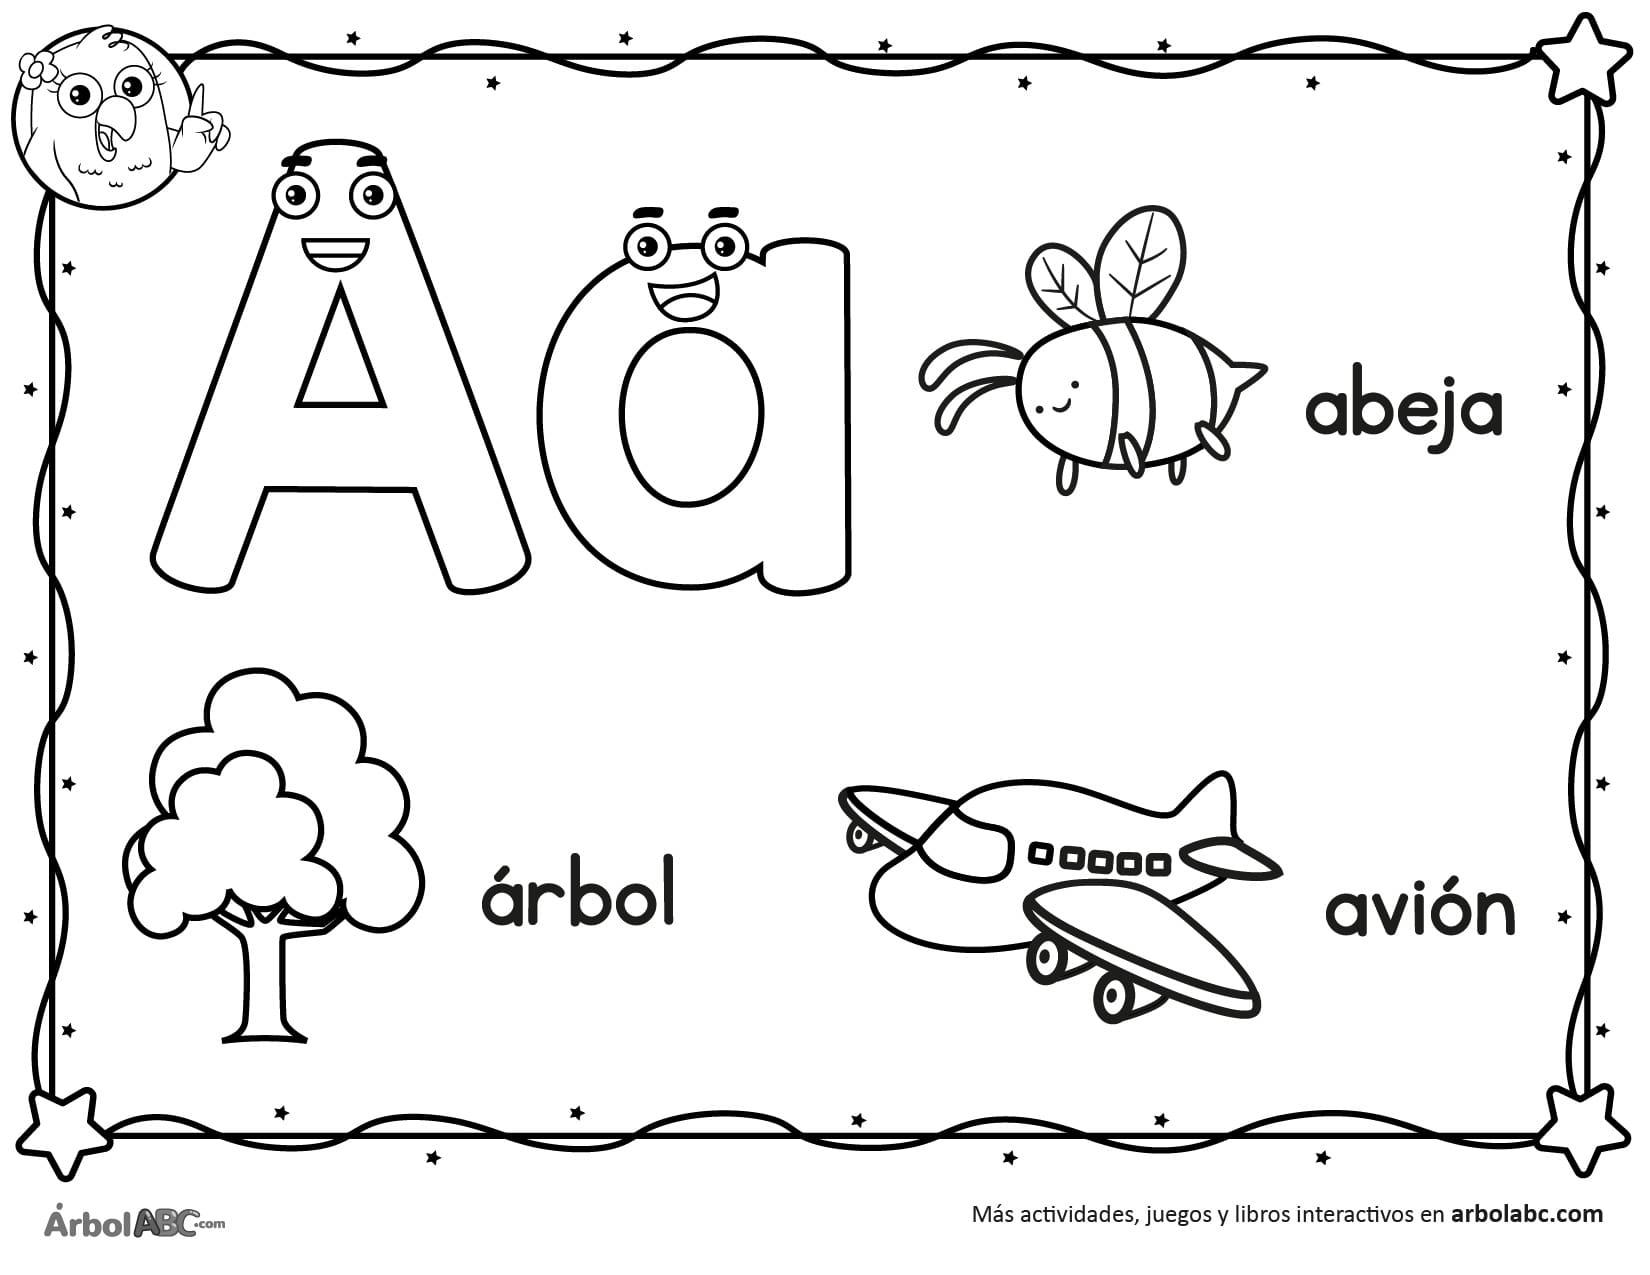 Letra A para colorear | Árbol ABC